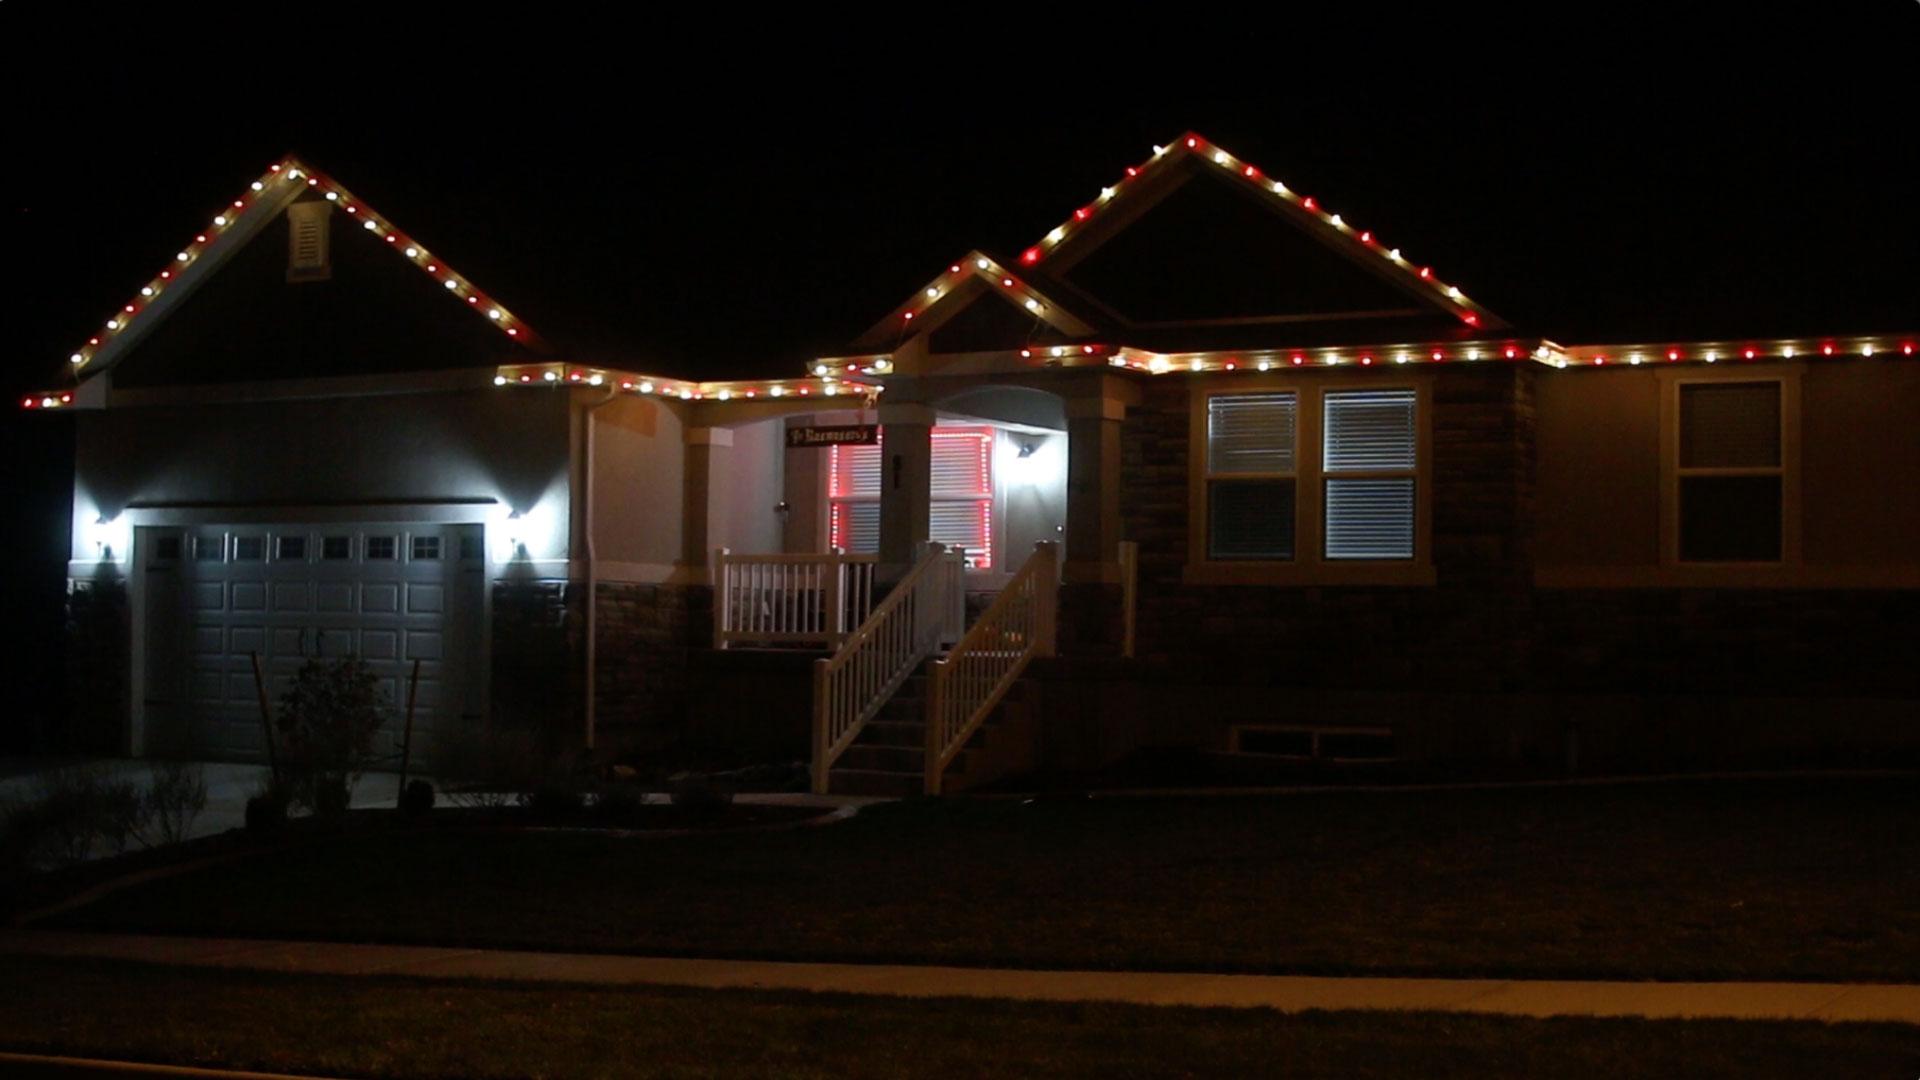 pvc christmas light setup